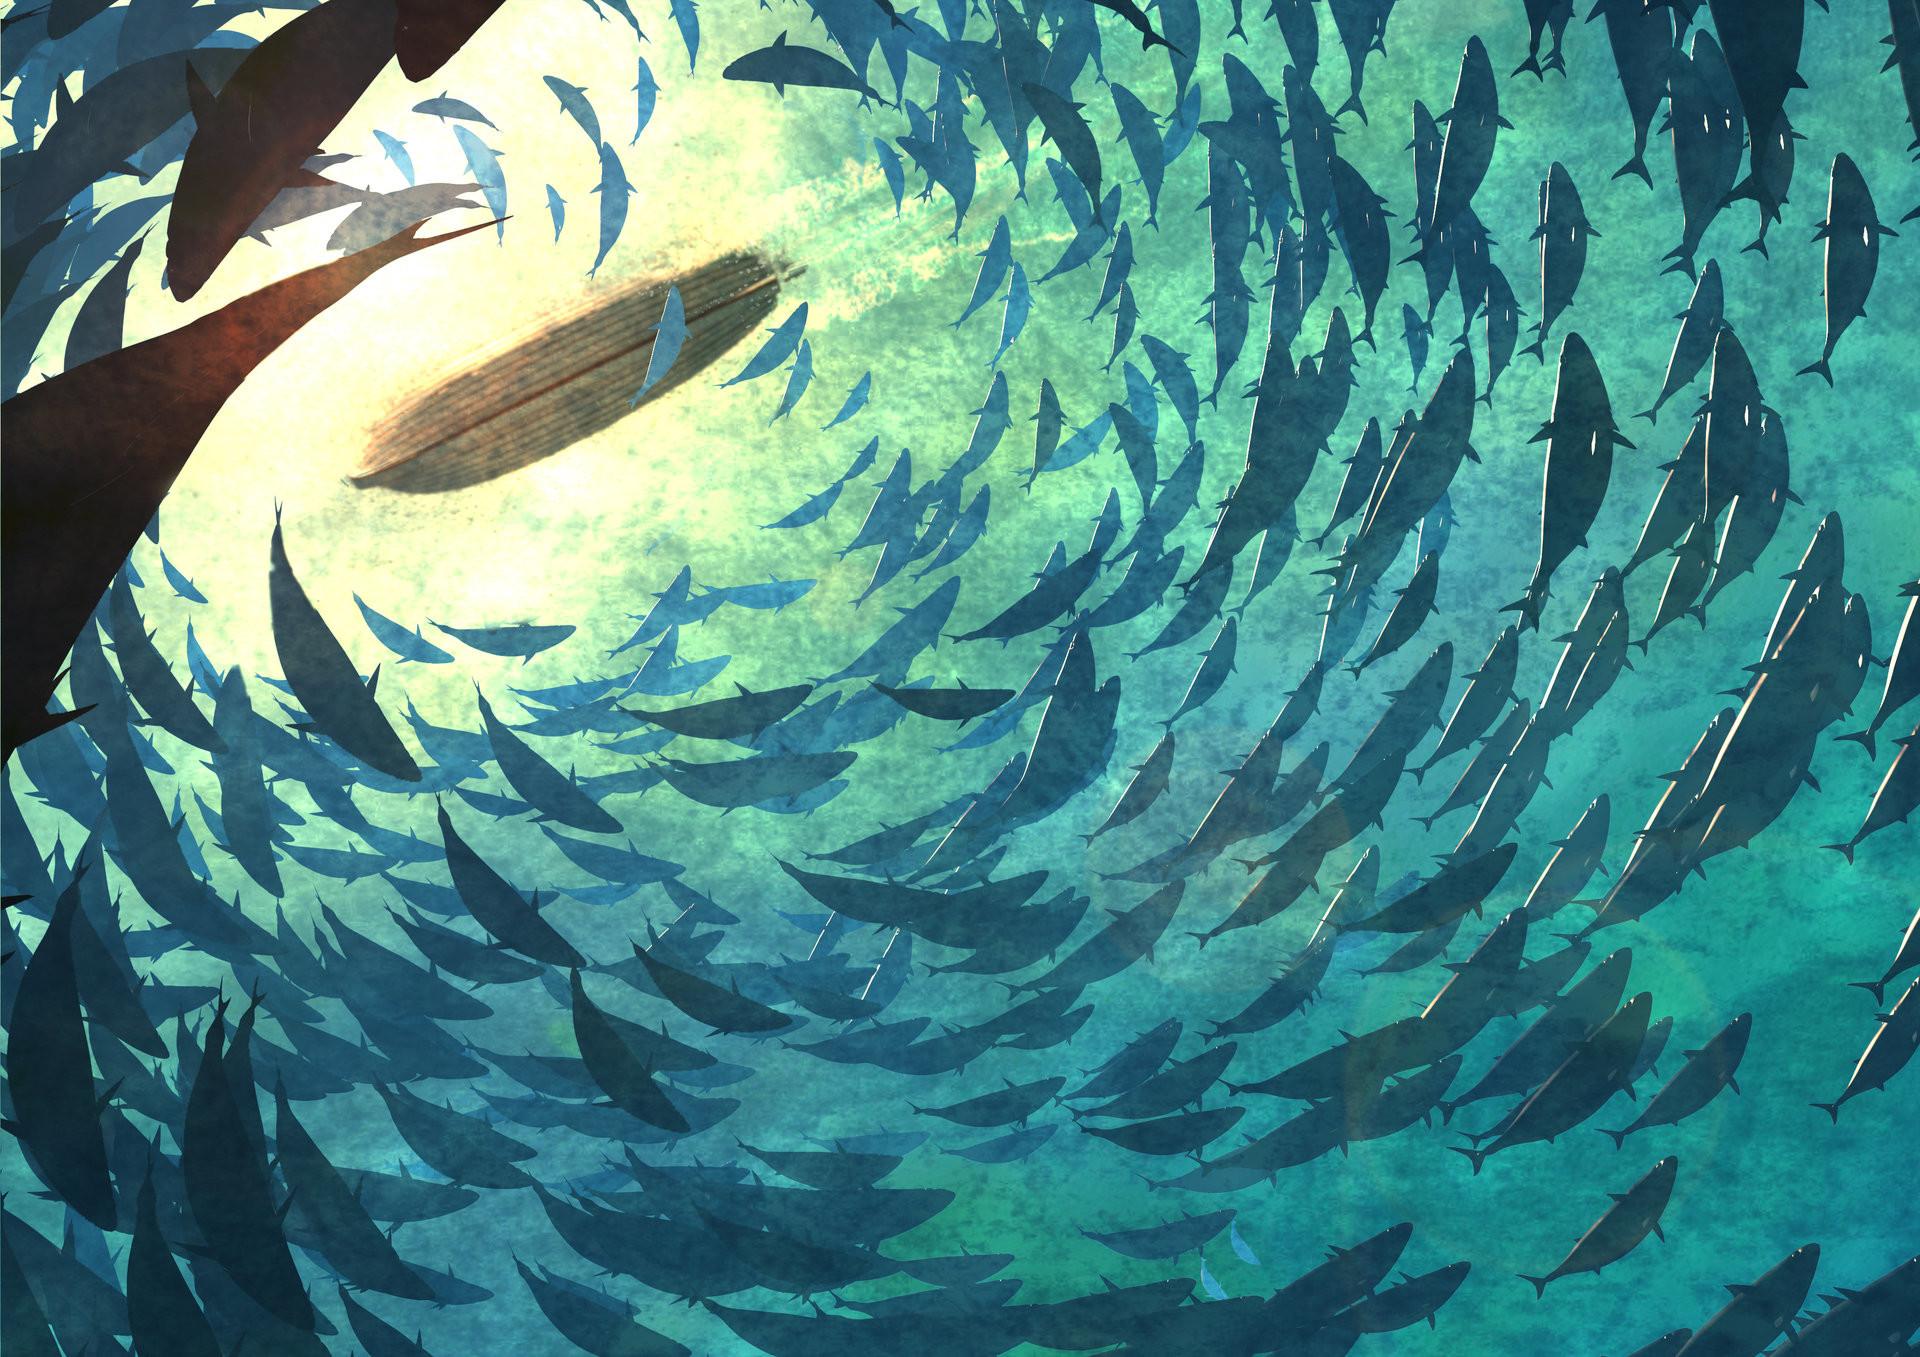 Glenn melenhorst glenn melenhorst fish